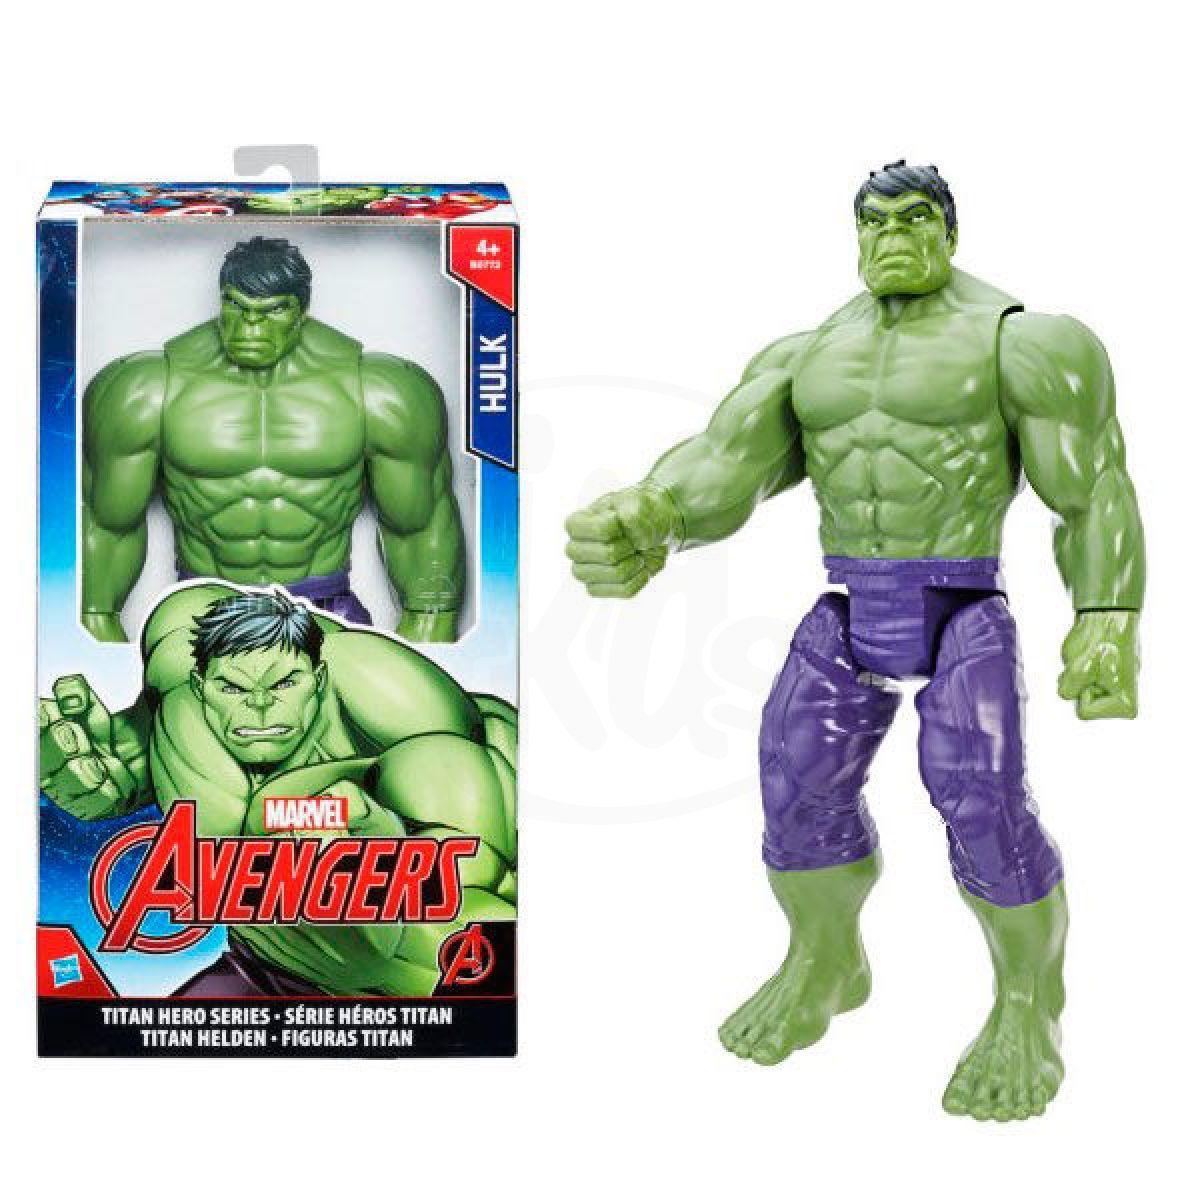 fb47bcdf0 Hasbro Avengers Titan figurka Hulk 30cm | 4kids